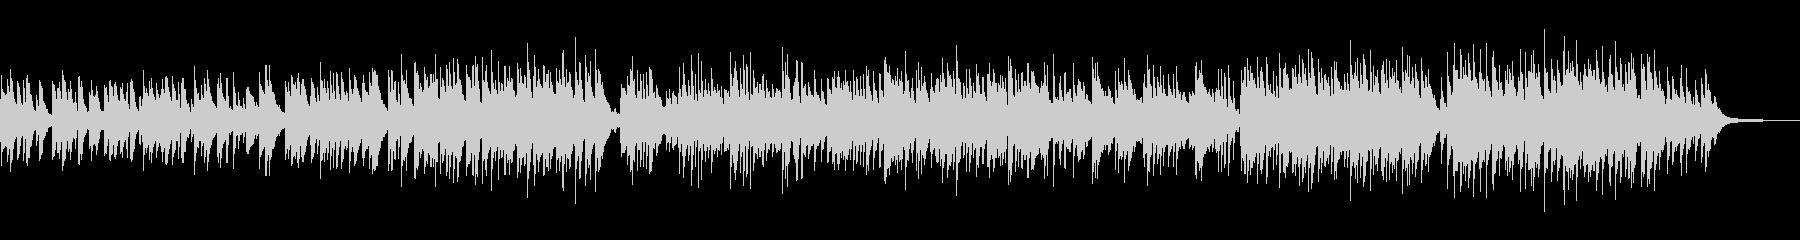 【ピアノバラード】感動系映像制作企業向けの未再生の波形